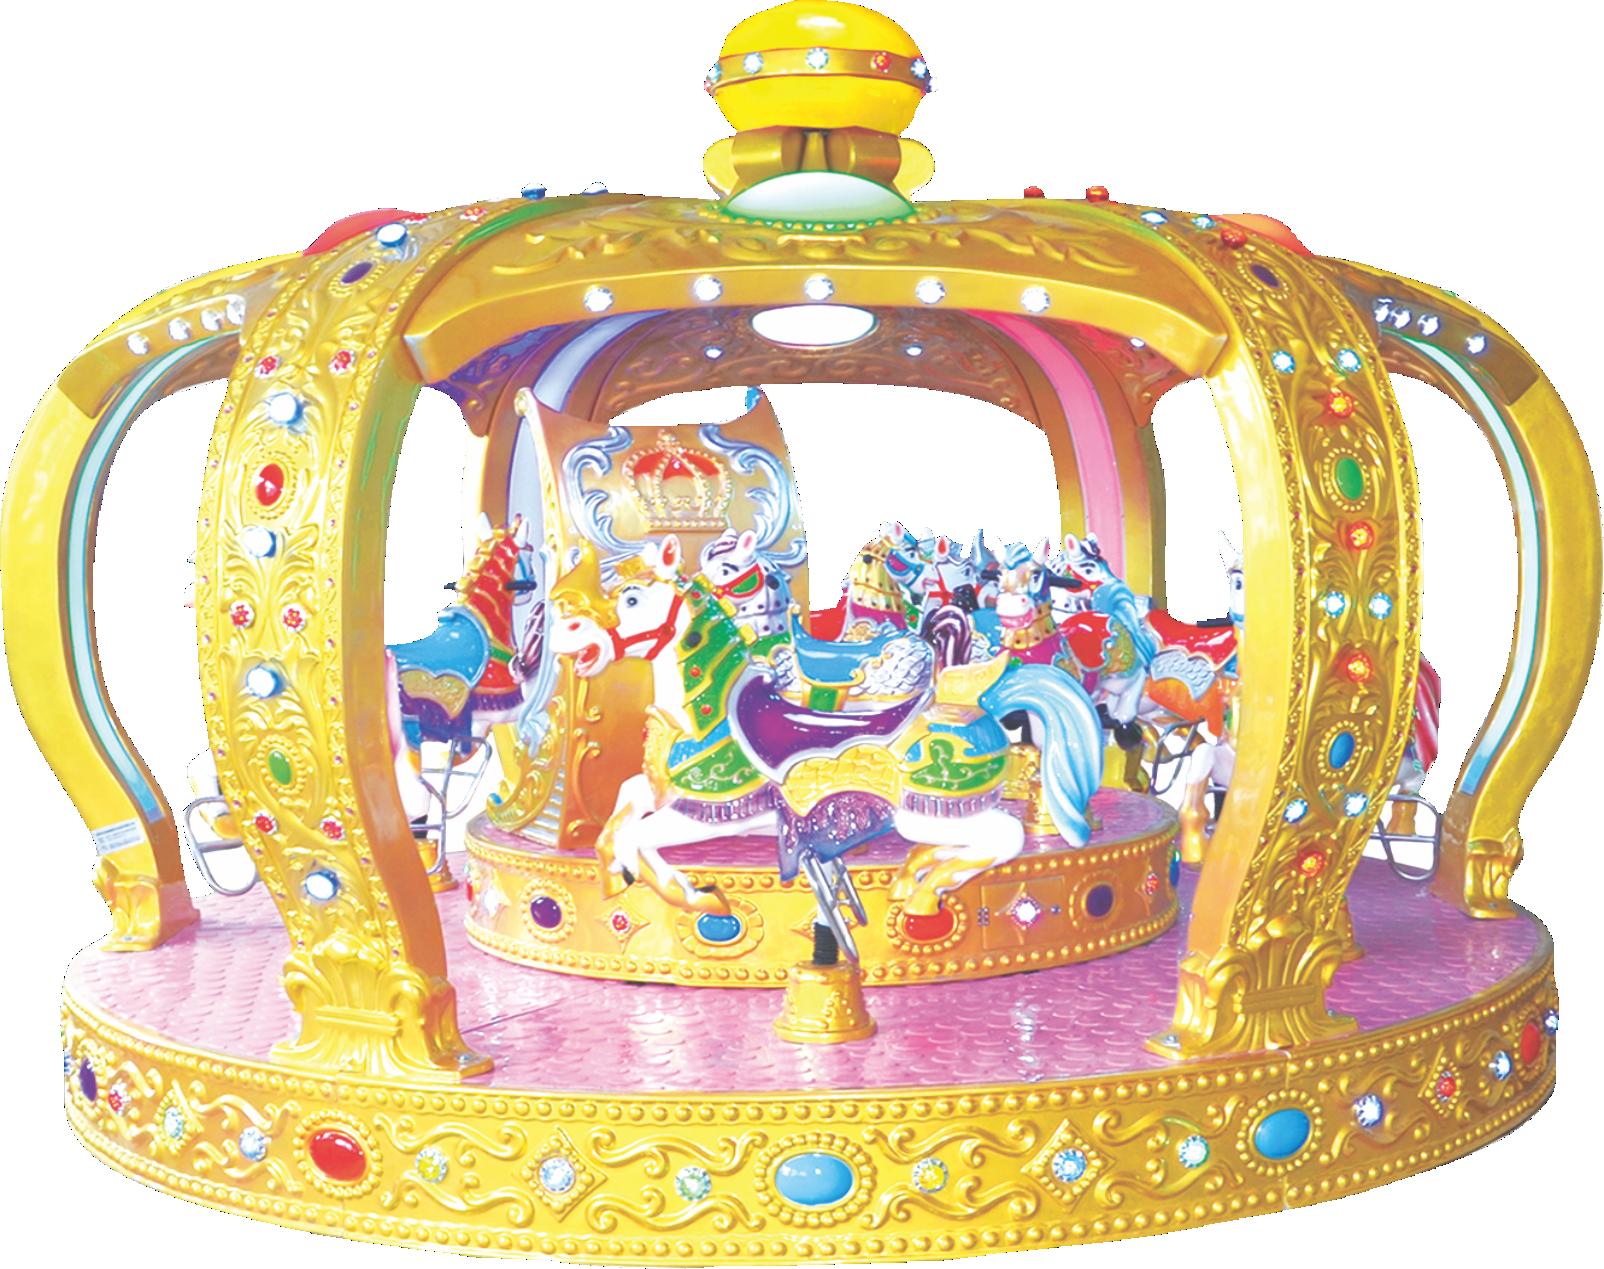 儿童皇冠转马销售